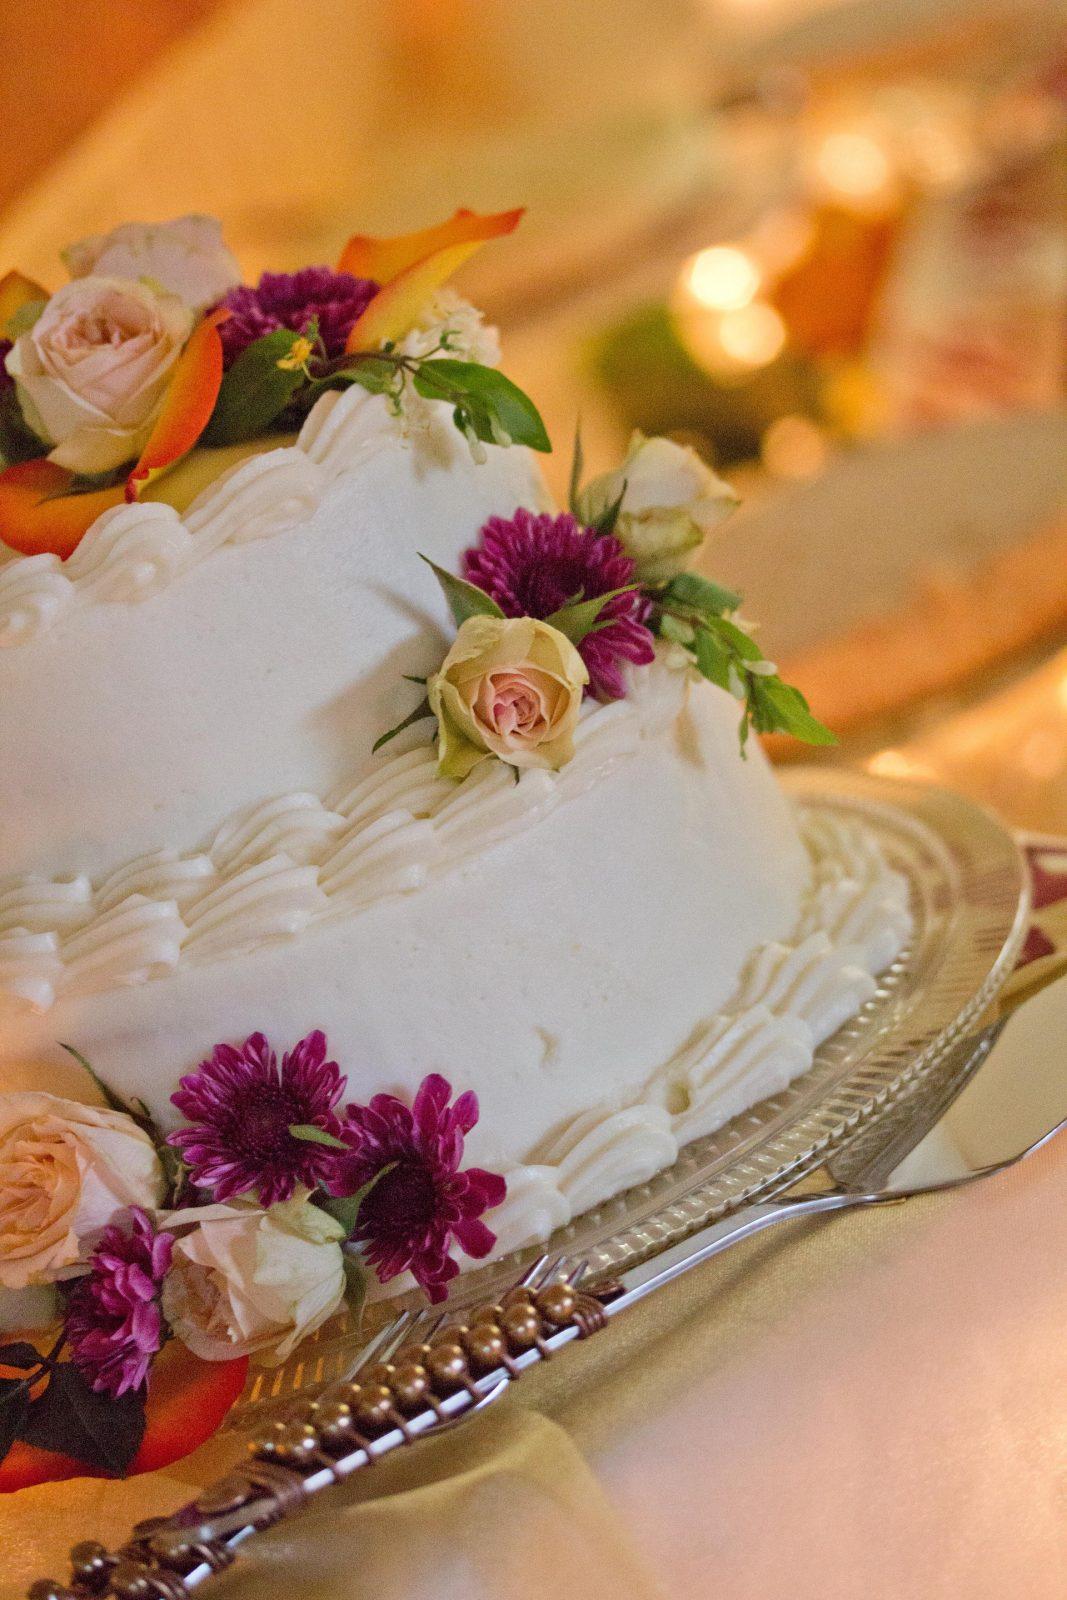 אוהל לחתונה – כיצד לבחור?